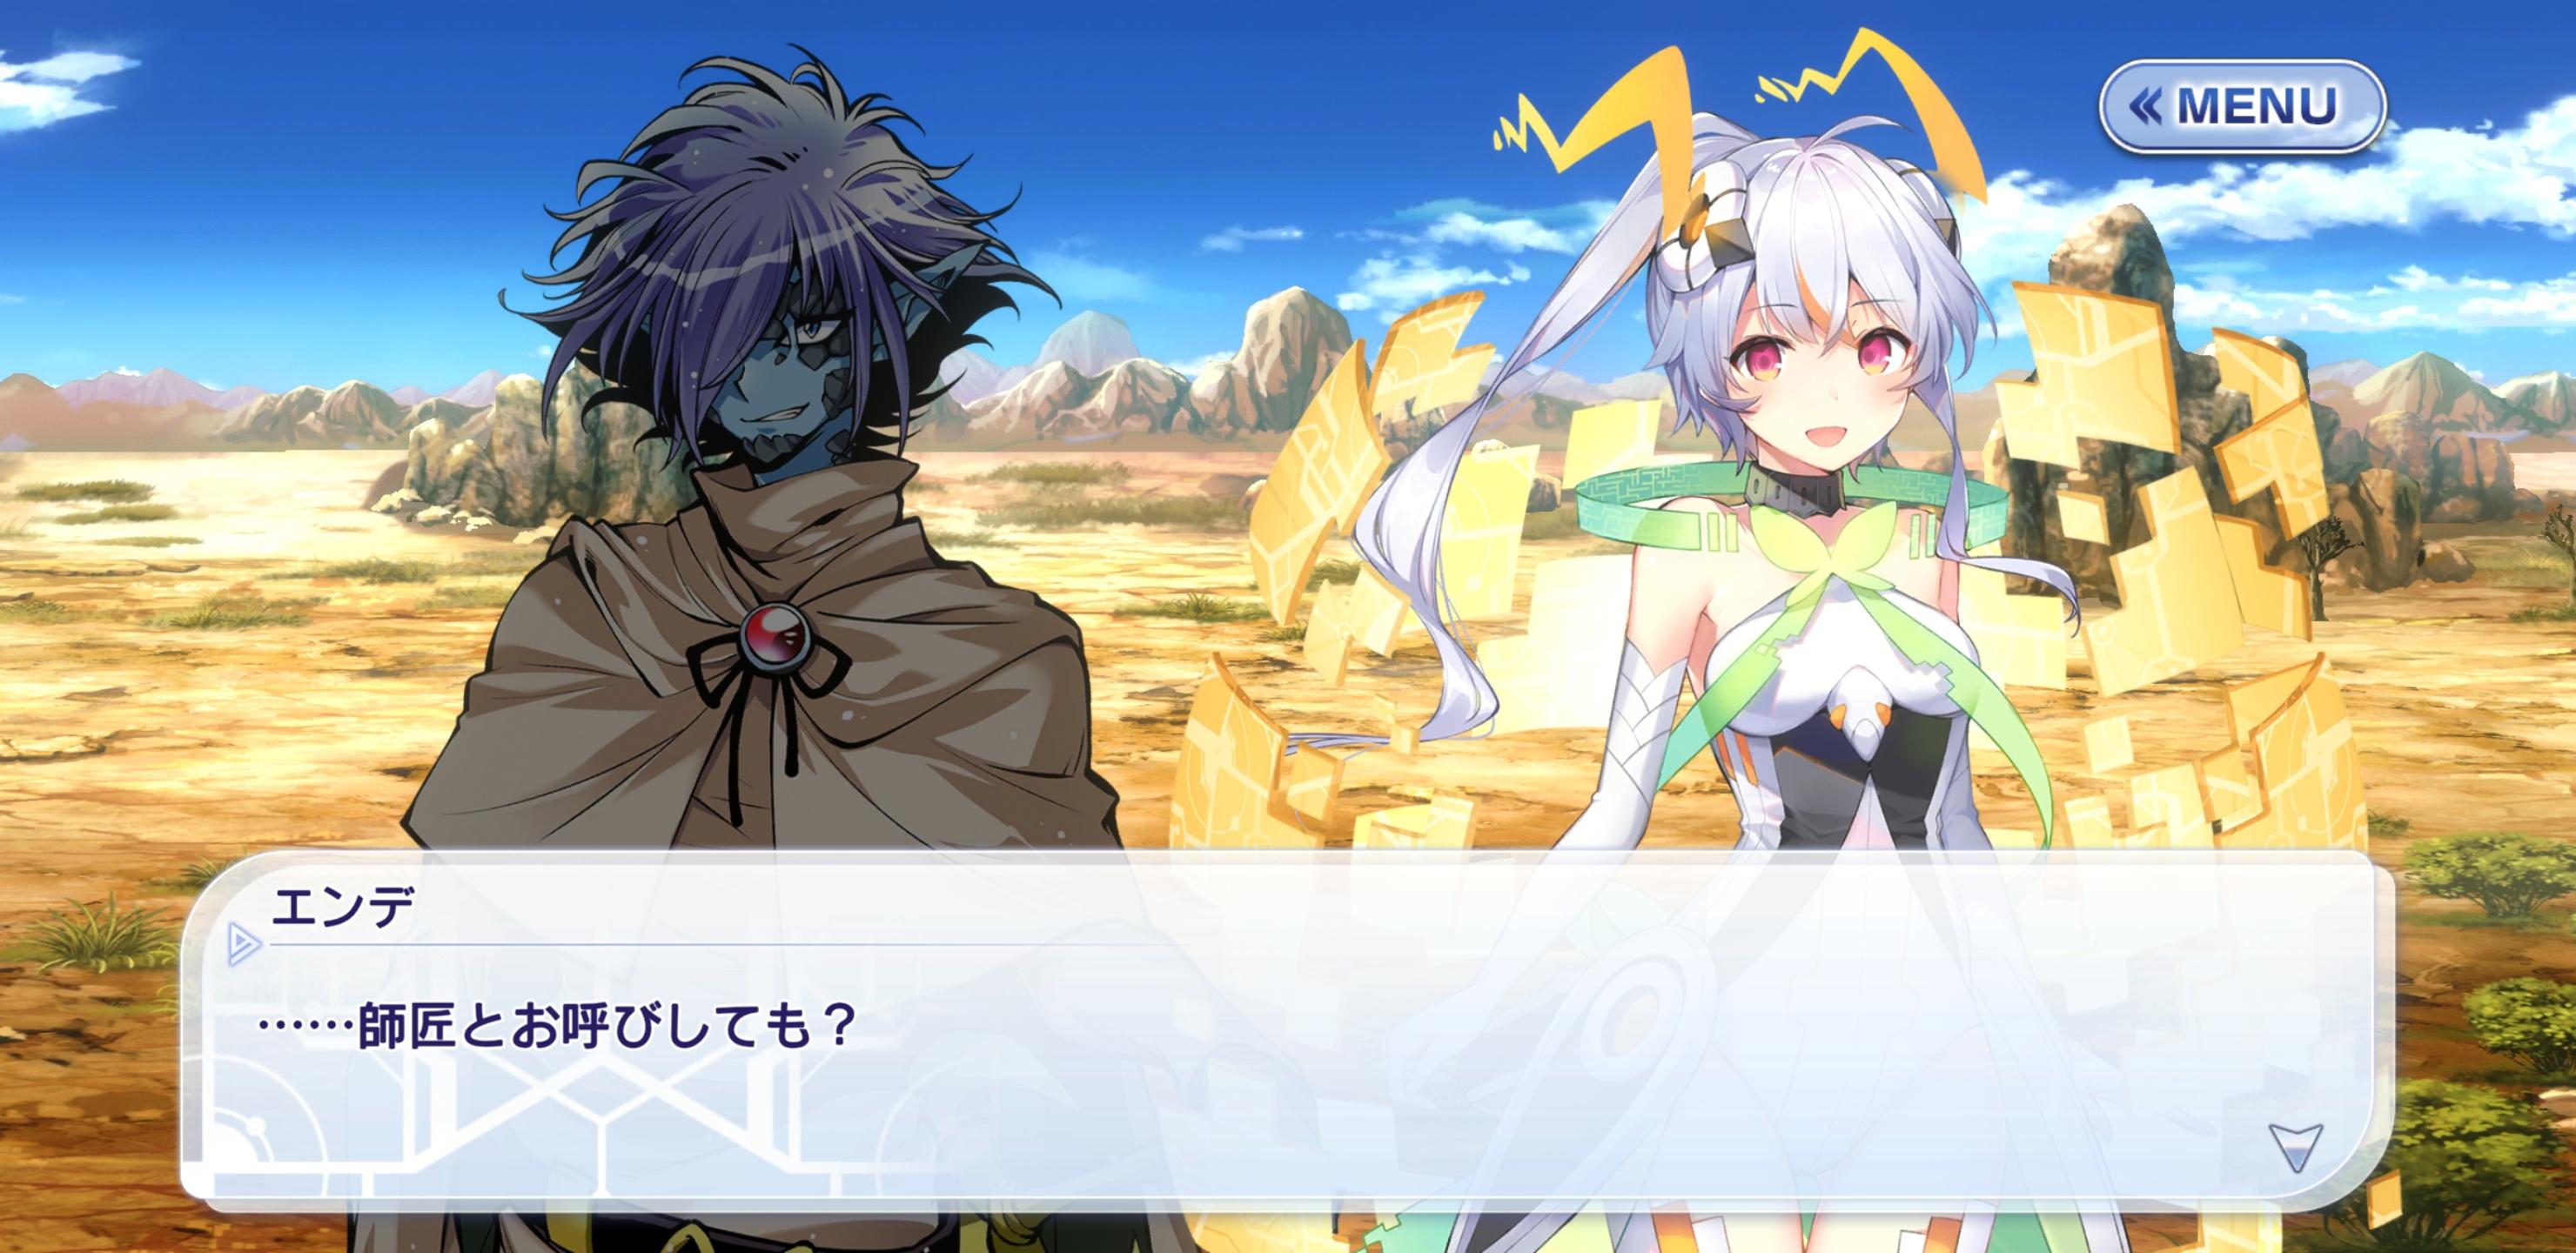 戦闘のアドバイスを受けたエンデは感銘のあまり、ゼルガディスを師匠と呼ぶことに